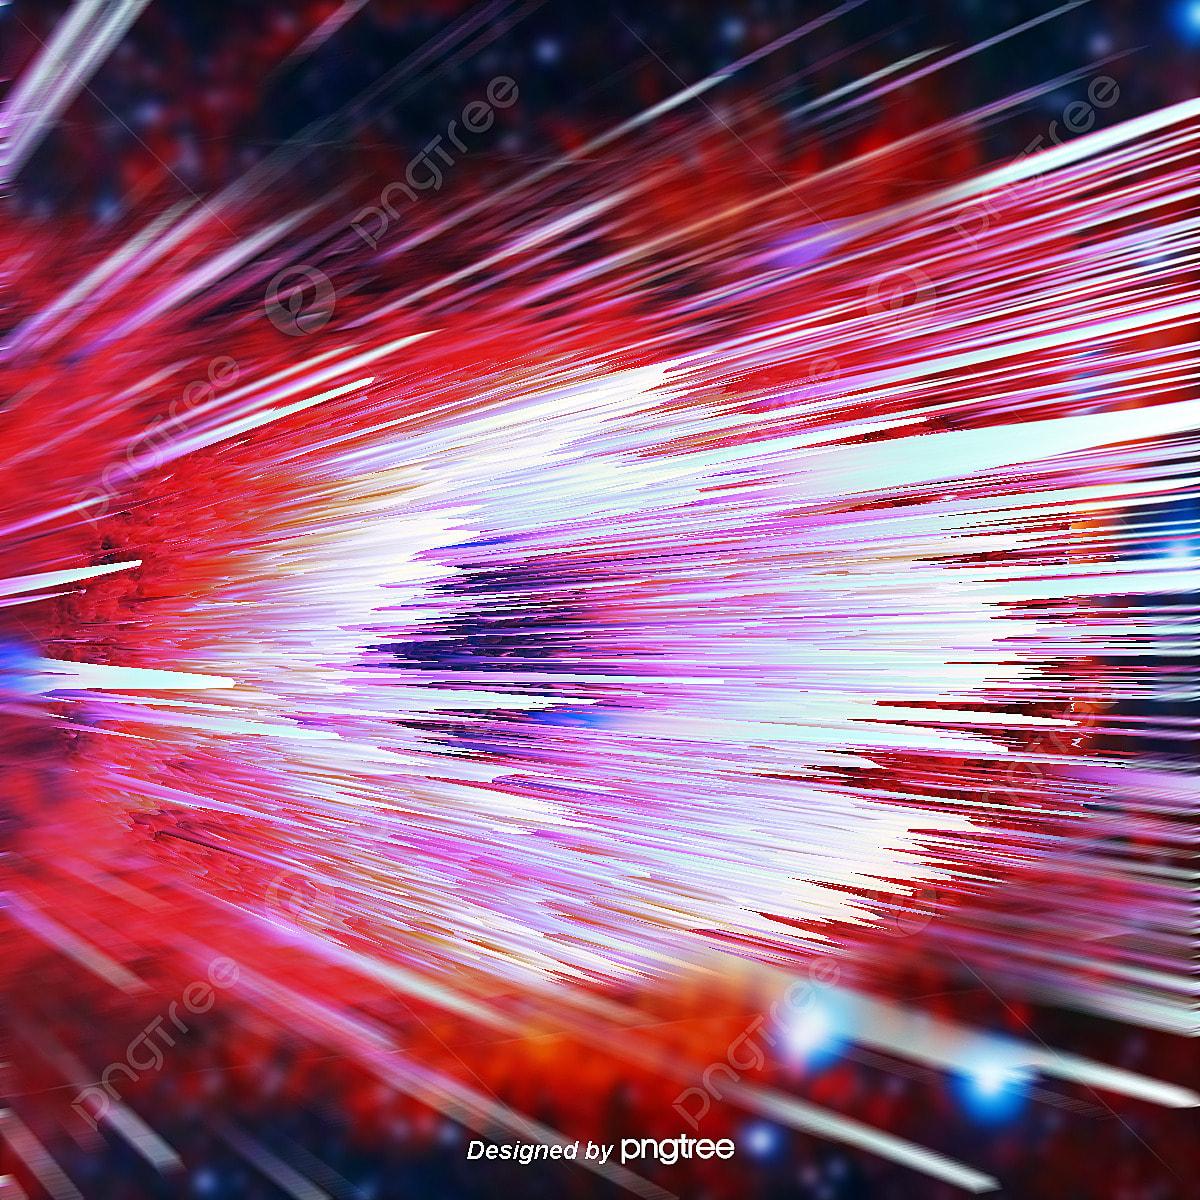 Gambar Bintang Merah 3d Lightspeed Bergerak Tiga Dimensi Latar Belakang Kesan Dinamik 3d Kecepatan Cahaya Bergerak Dinamik Kesan Png Dan Psd Untuk Muat Turun Percuma